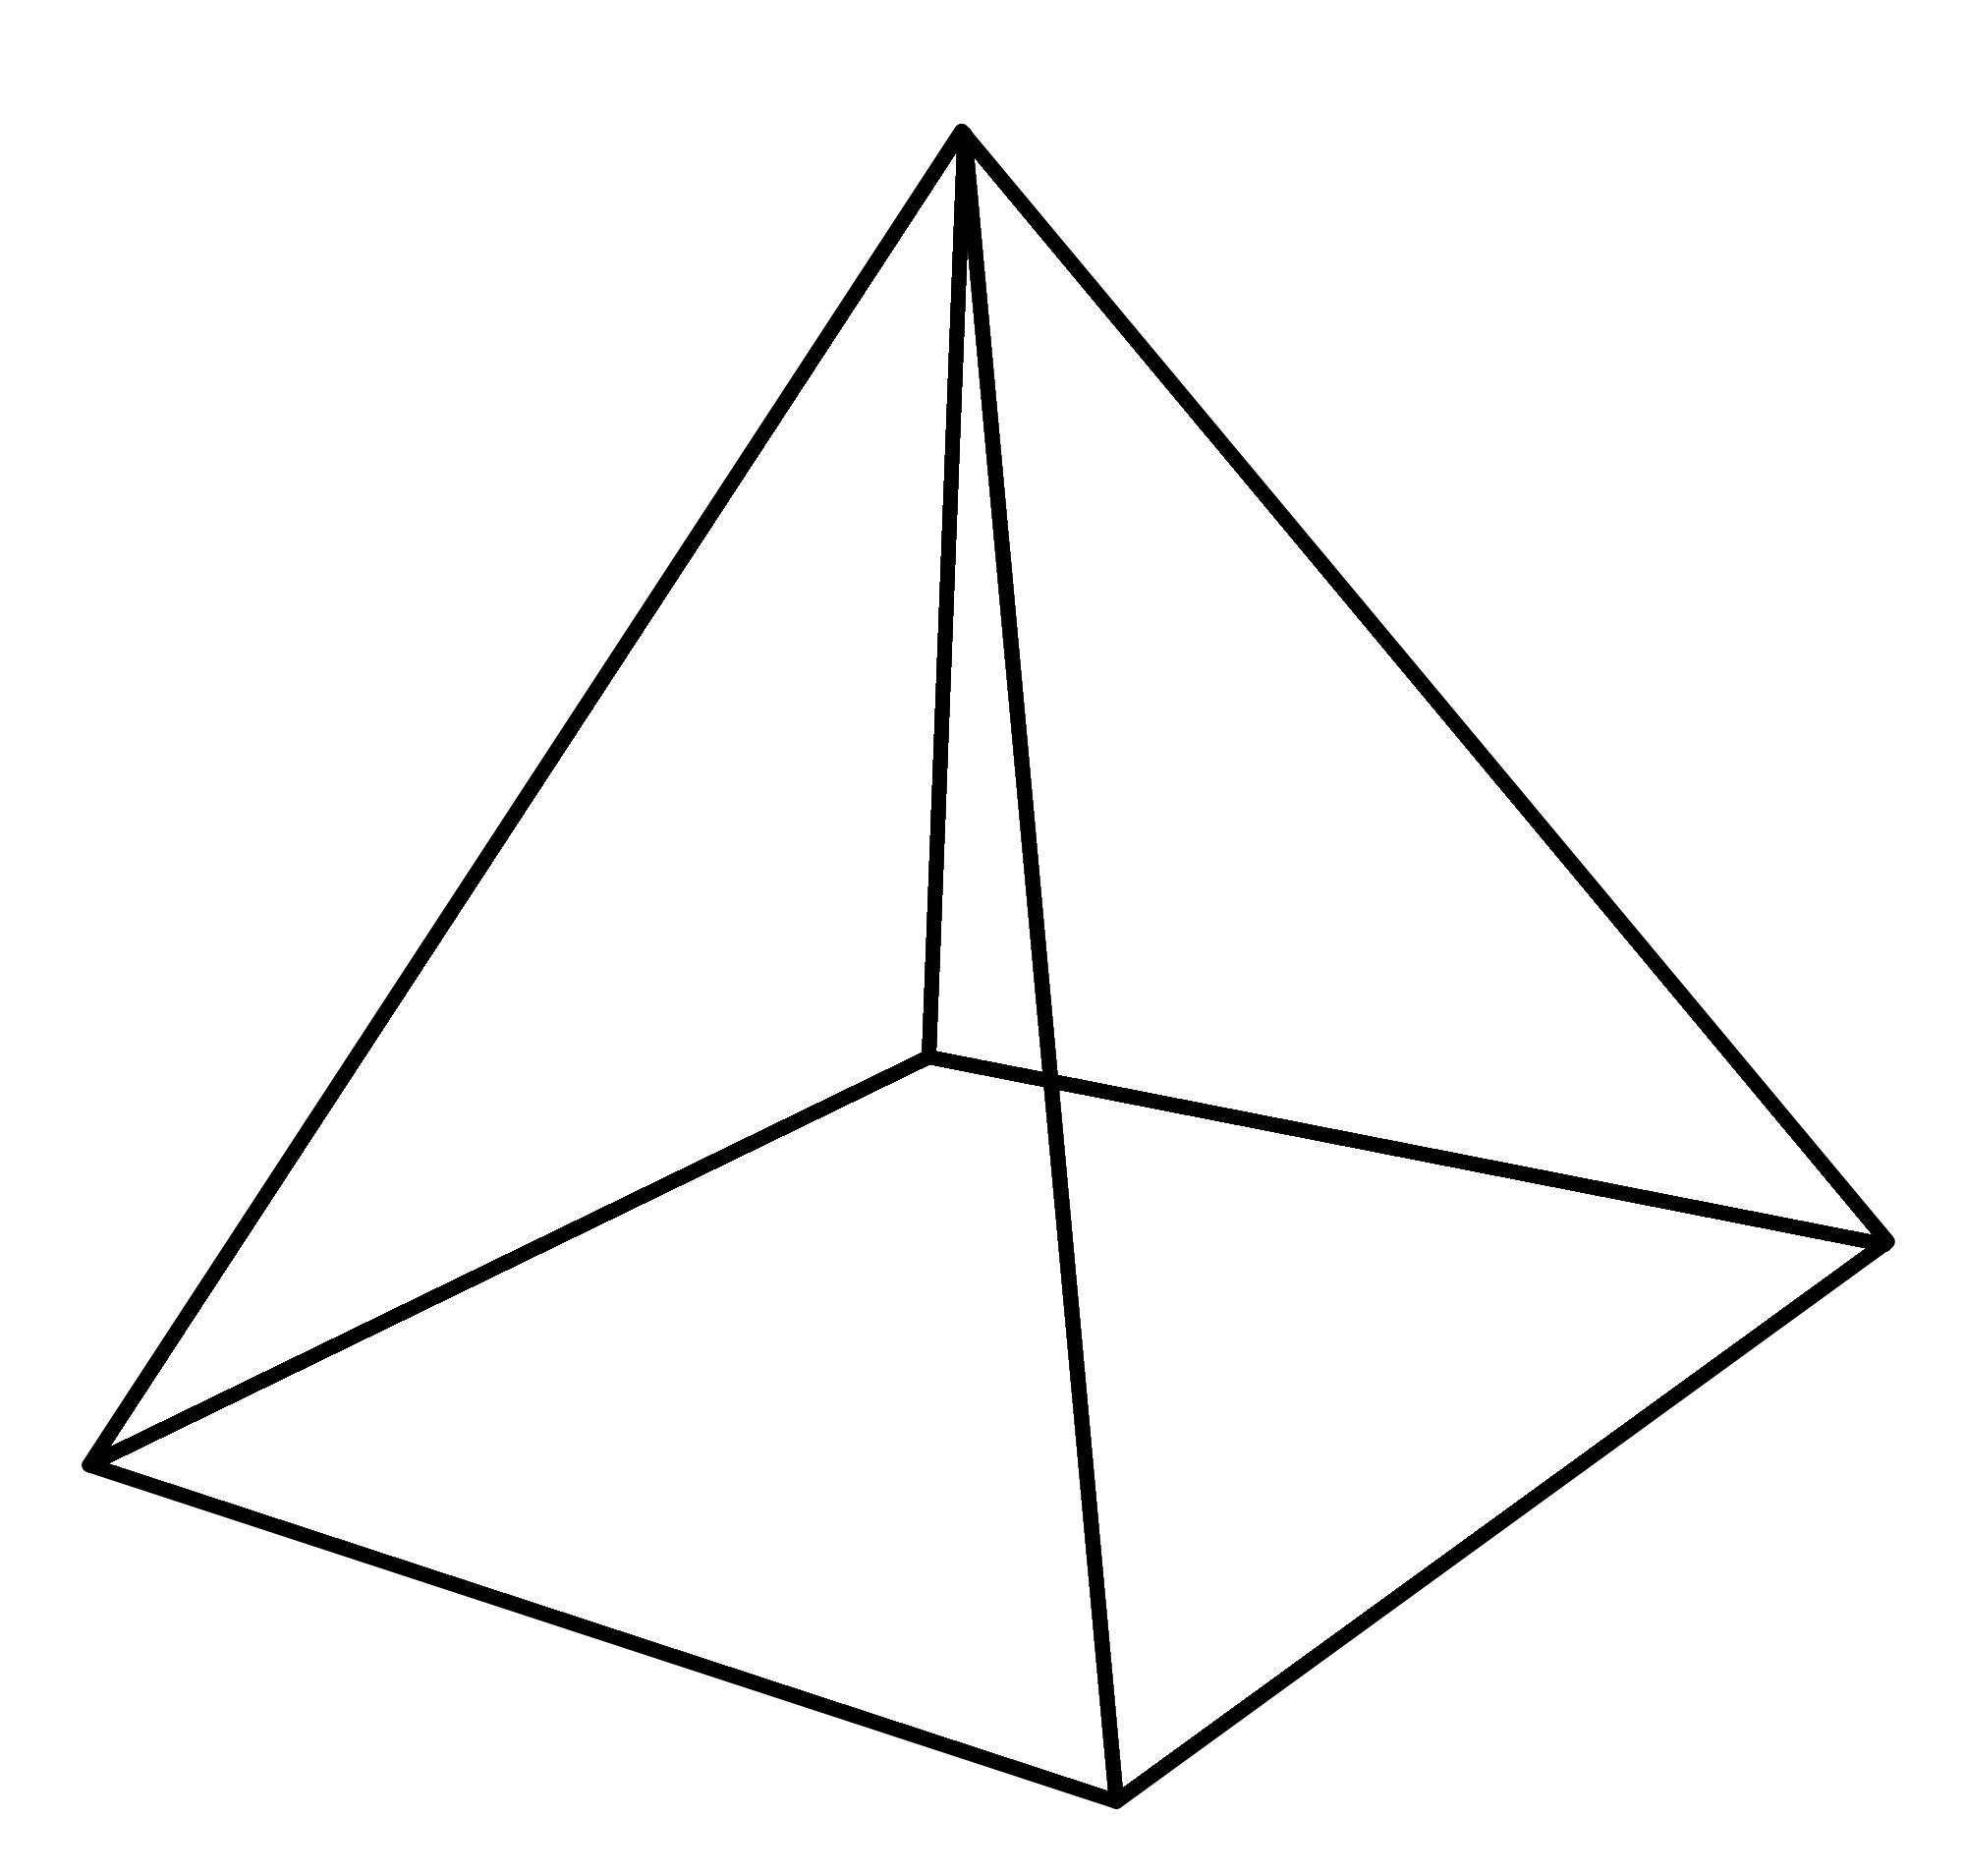 Раскраски геометрические фигуры из бумаги пирамида макет ...